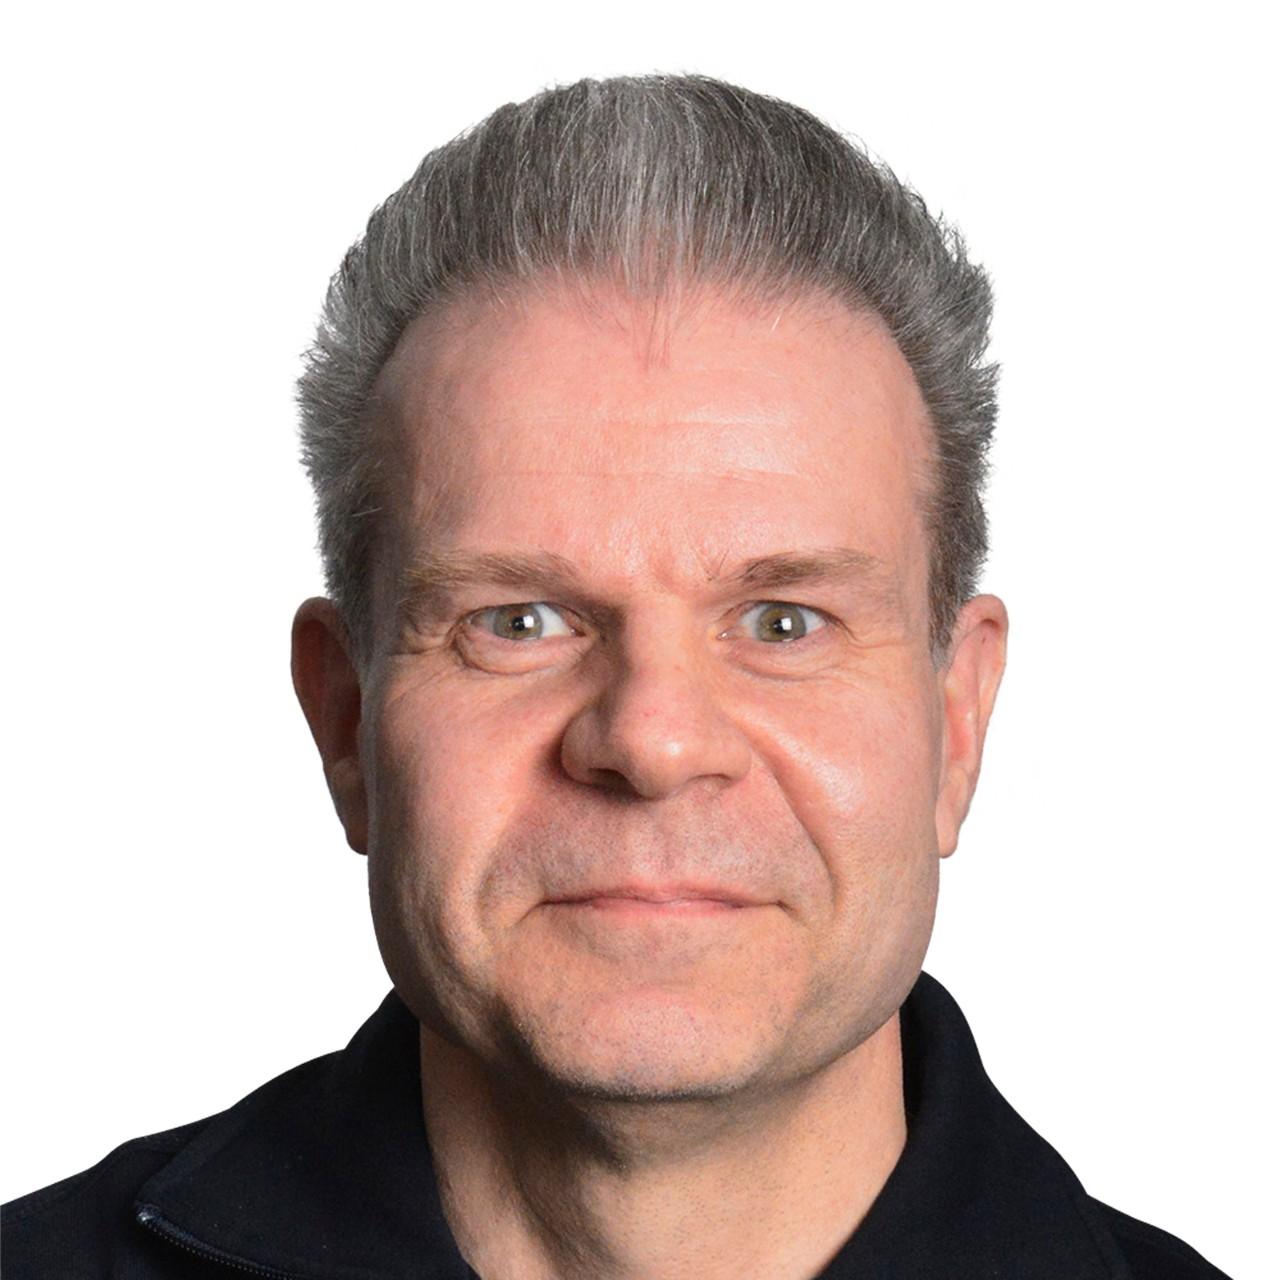 Krister Strålberg